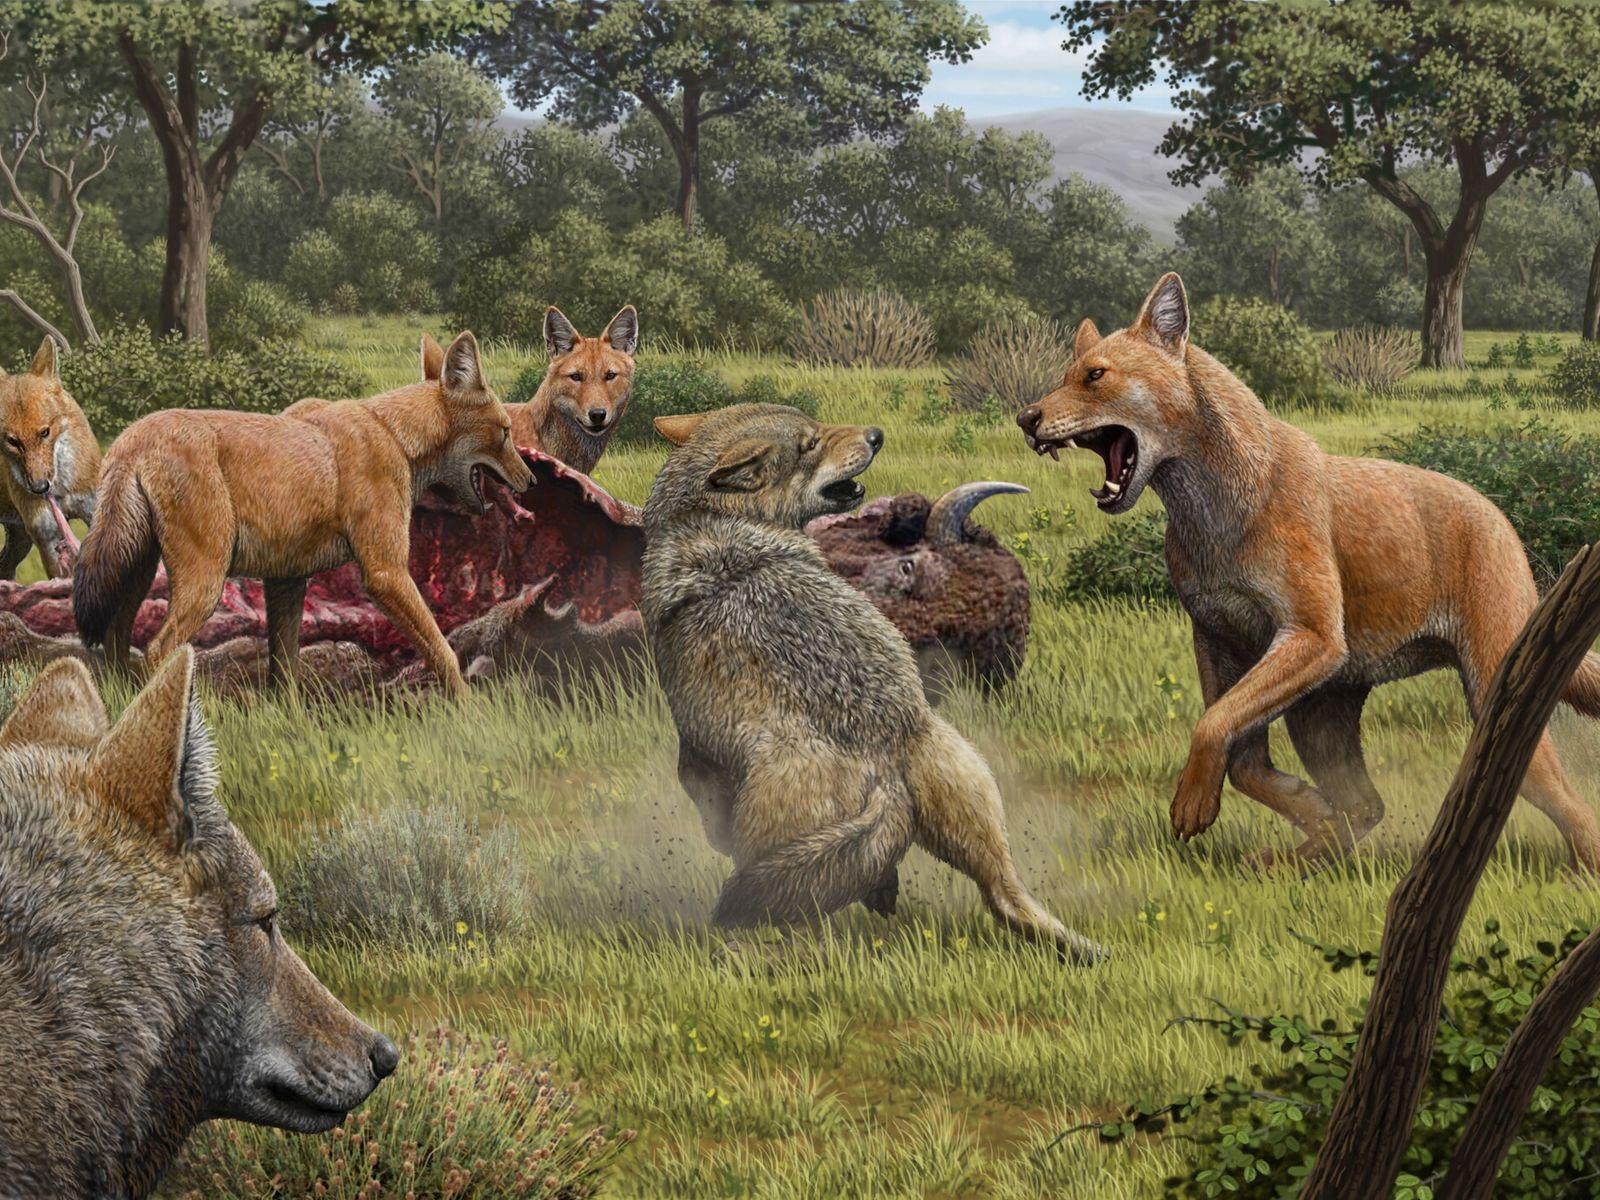 Lobos pré-históricos, com pelo avermelhado, envolvidos numa luta com lobos. Esta imagem foi feita em 2020 ...